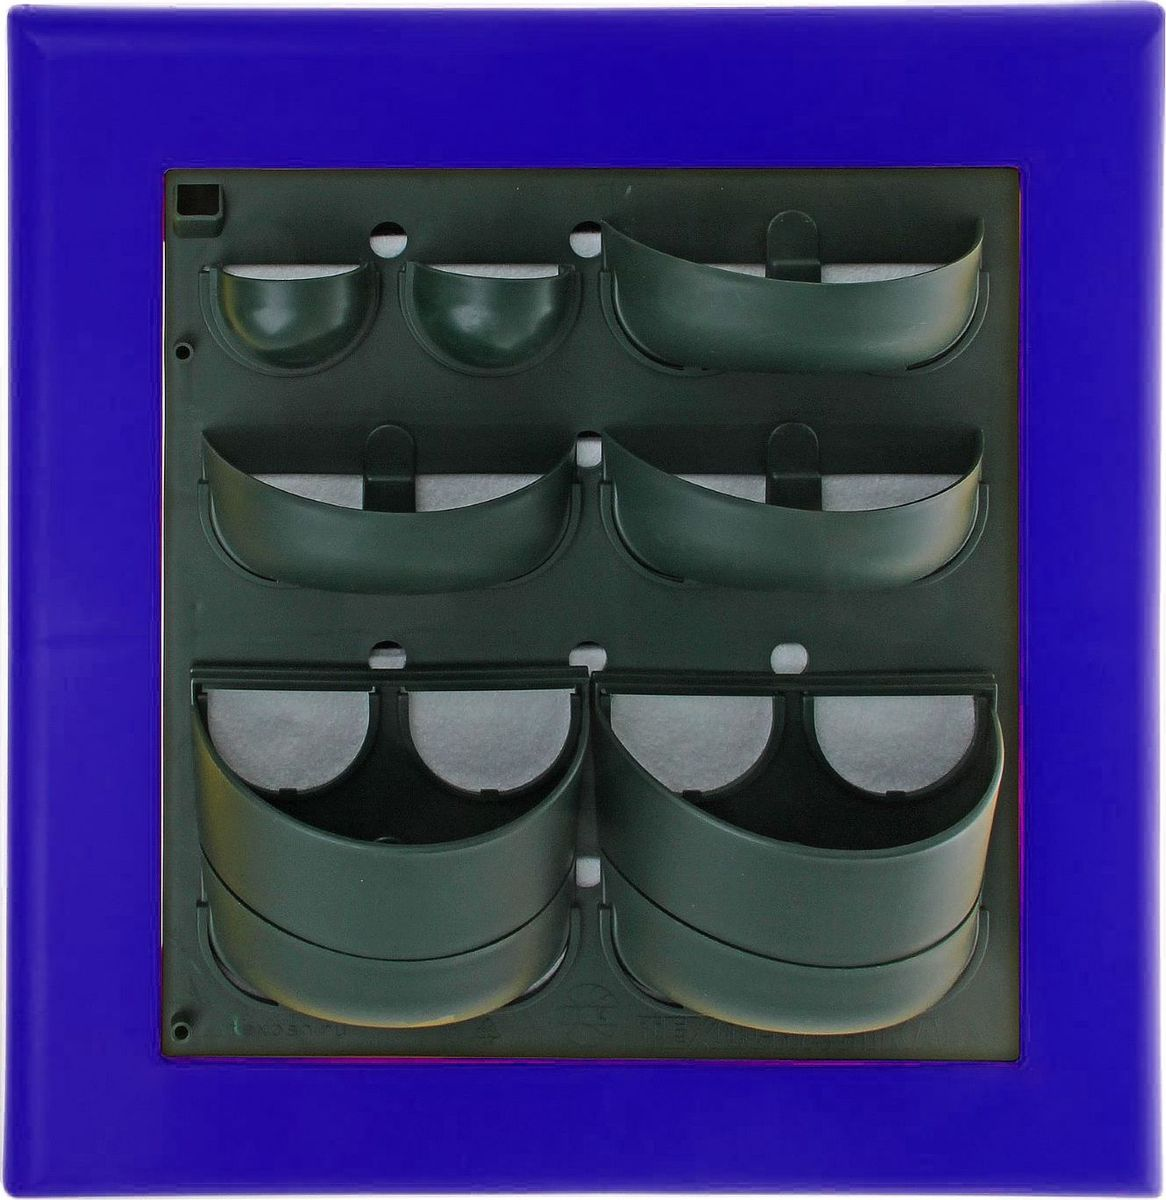 Кашпо Техоснастка Фитокартина, настенное, цвет: синий, 59 х 58 х 13 см1533691Любой, даже самый современный и продуманный интерьер не будет выглядеть завершённым без растений. Они не только очищают воздух и насыщают кислородом, но и заметно украшают окружающее пространство. Такому полезному &laquo члену семьи&raquoпросто необходим красивый и функциональный &laquo дом&raquo . Наше предложение &mdashфитокартина! Благодаря съёмным блокам-кашпо вы сможете создать любую композицию на свой вкус. Как собирать? Распакуйте фитопанель, подготовьте необходимое количество растений.Возьмите маленький горшок и разместите в нем водопроводящий картридж (входит в комплект).Разместите подходящее по размеру растение в горшке.Поместите картридж с растением между передней частью панели и капиллярным матом.Закрепите горшок с растением на фитомодуле.Вставив в каждую выемку картридж, закрепите на фитомодуле нижнюю часть большого горшка.Затем так же закрепите верхнюю часть большого горшка строго над нижней.Посадите в большой горшок выбранное растение. Ваша фитокартина готова!Фотоинструкция.Рекомендации по поливу Вставьте в левый нижний угол водоотводящую трубку. Медленно заливайте воду в панно через поливочное отверстие. Как только она покажется в трубке, прекратите полив. Опустив трубку вниз, можно слить ненужную жидкость обратно в лейку. Уберите трубку до следующего орошения. Режим полива зависит от температуры и влажности в помещении, состава грунта, интенсивности освещения, возраста и типа растения и многих других факторов. Частота может варьироваться от 2 до 4 недель. Чтобы растение легко прижилось в новом горшке, рекомендуем первые 3?4 недели производить полив не через трубку, а напрямую в грунт, используя лейку с узким носиком. Создавать красоту просто! Наполните свой дом прекрасными цветами, а мы позаботимся о низкой цене и высоком качестве от российского производителя.&nbsp